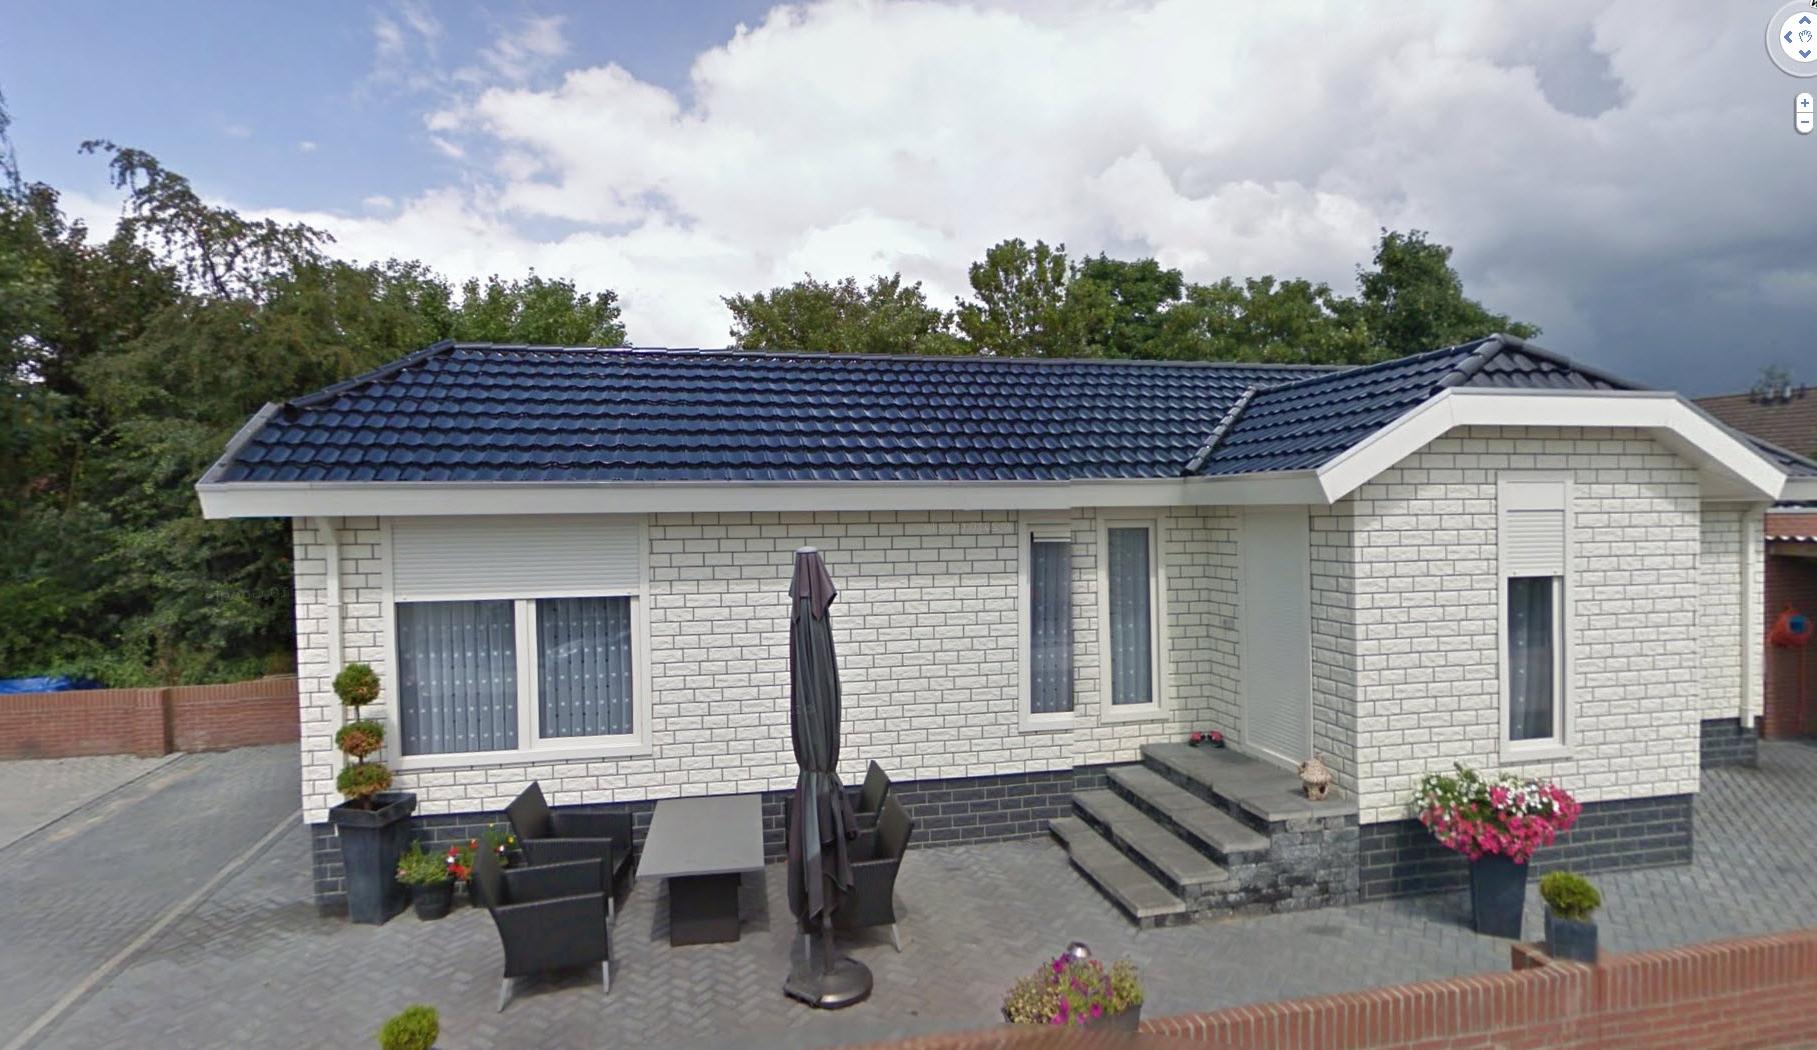 Woonwagen en hypotheek | Woonwagenwijzer: woonwagenwijzer.nl/woonwagenhuisvesting/woonwagen-en-hypotheek